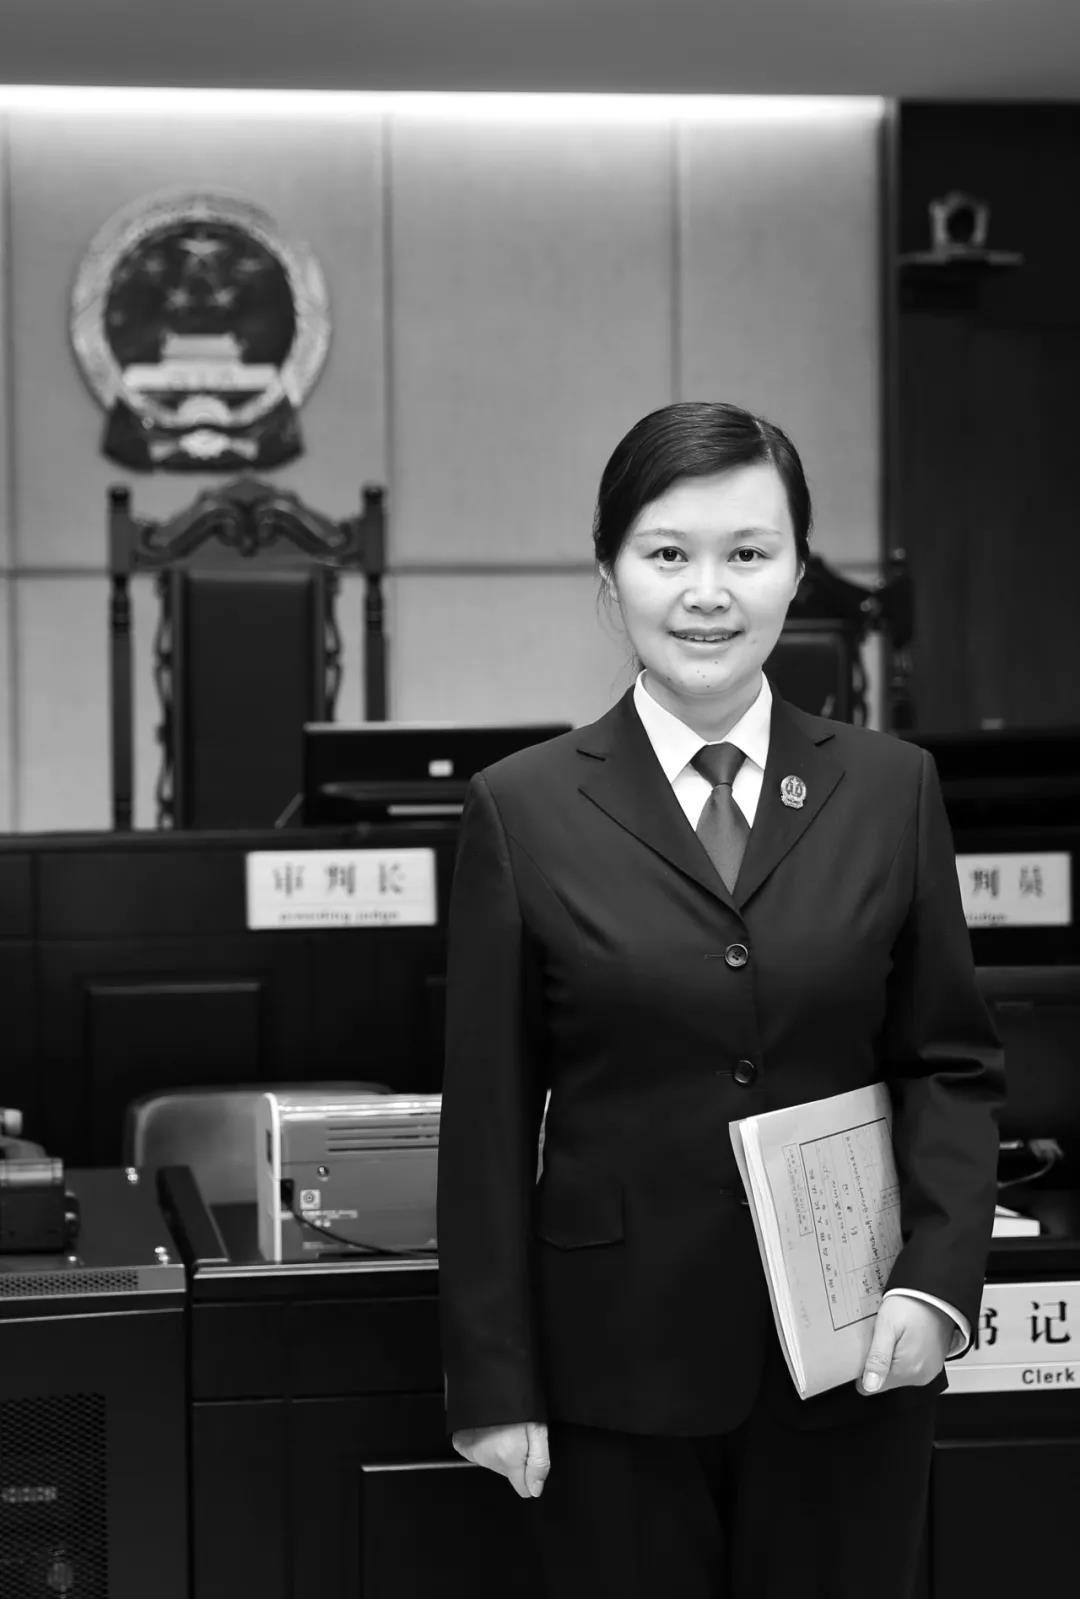 45岁女法官拒绝人情干扰惨遭报复